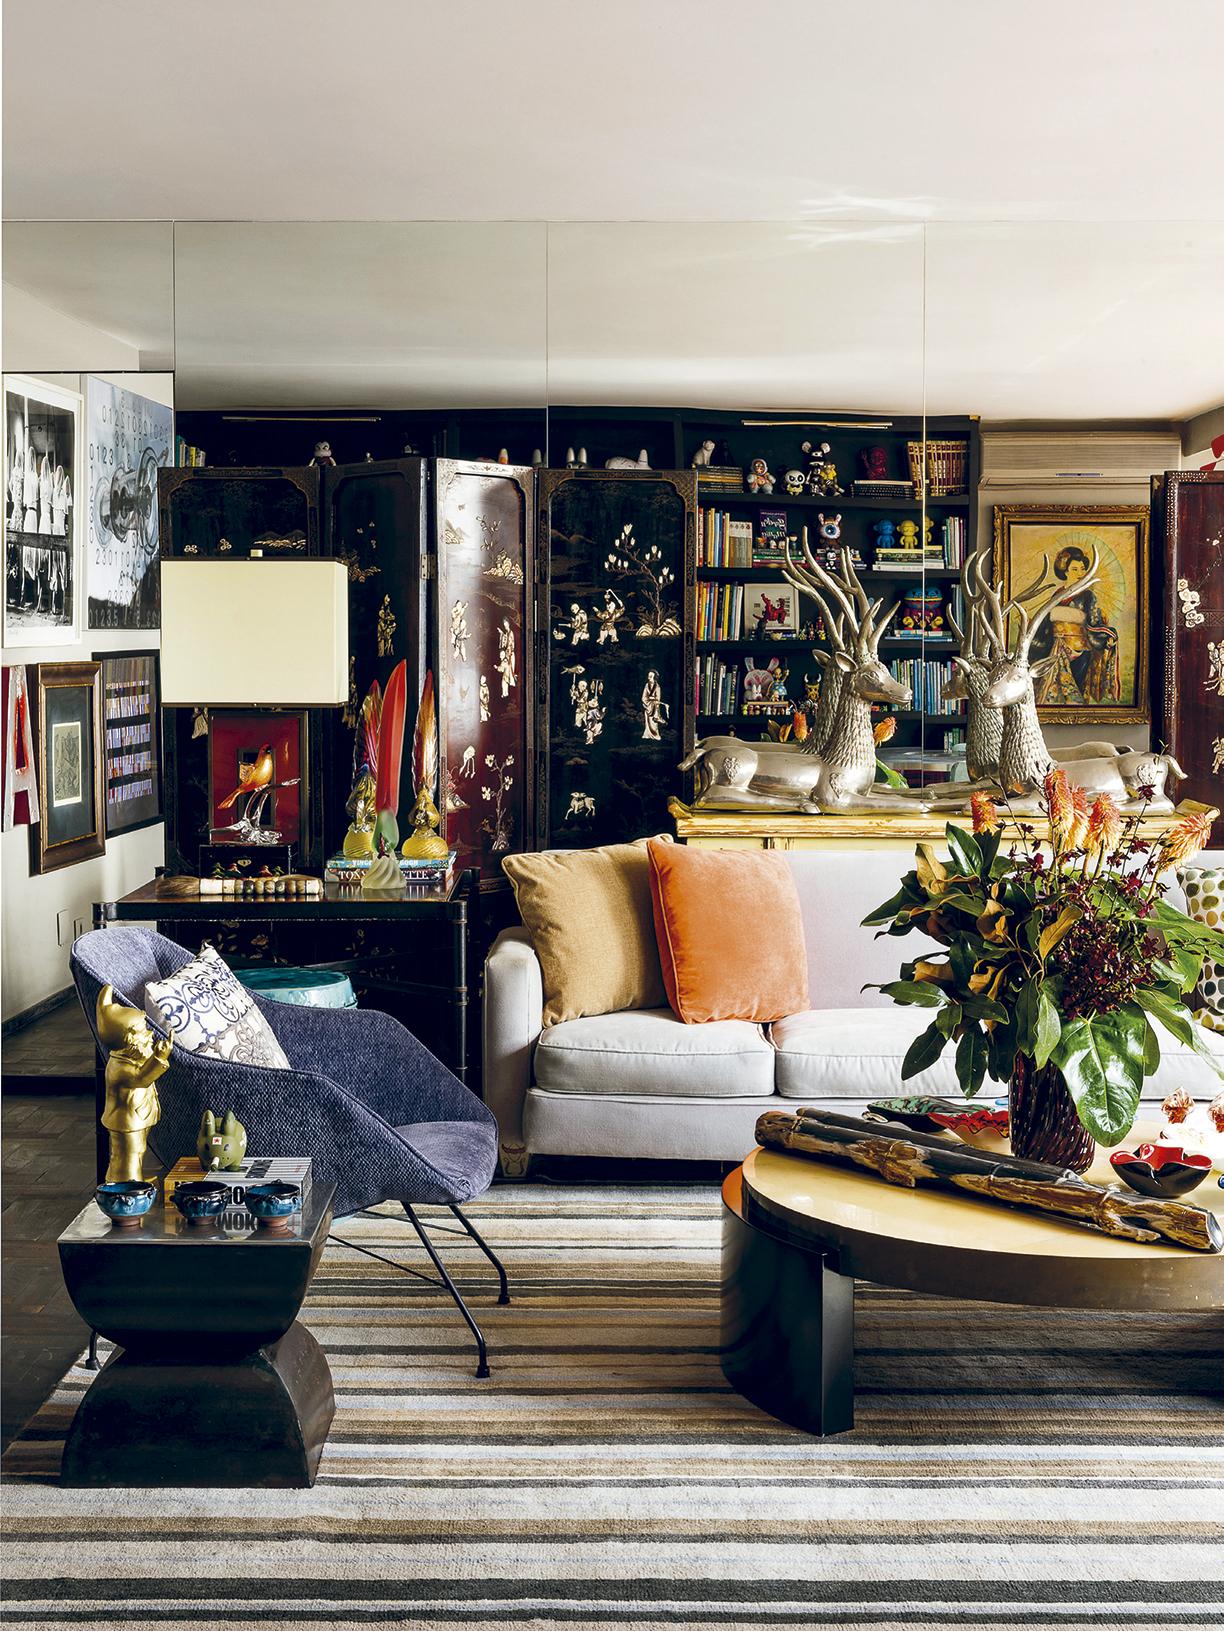 apartamento-do-Hanazaki-sala-de-estar-com-biombos-chineses-de-jade